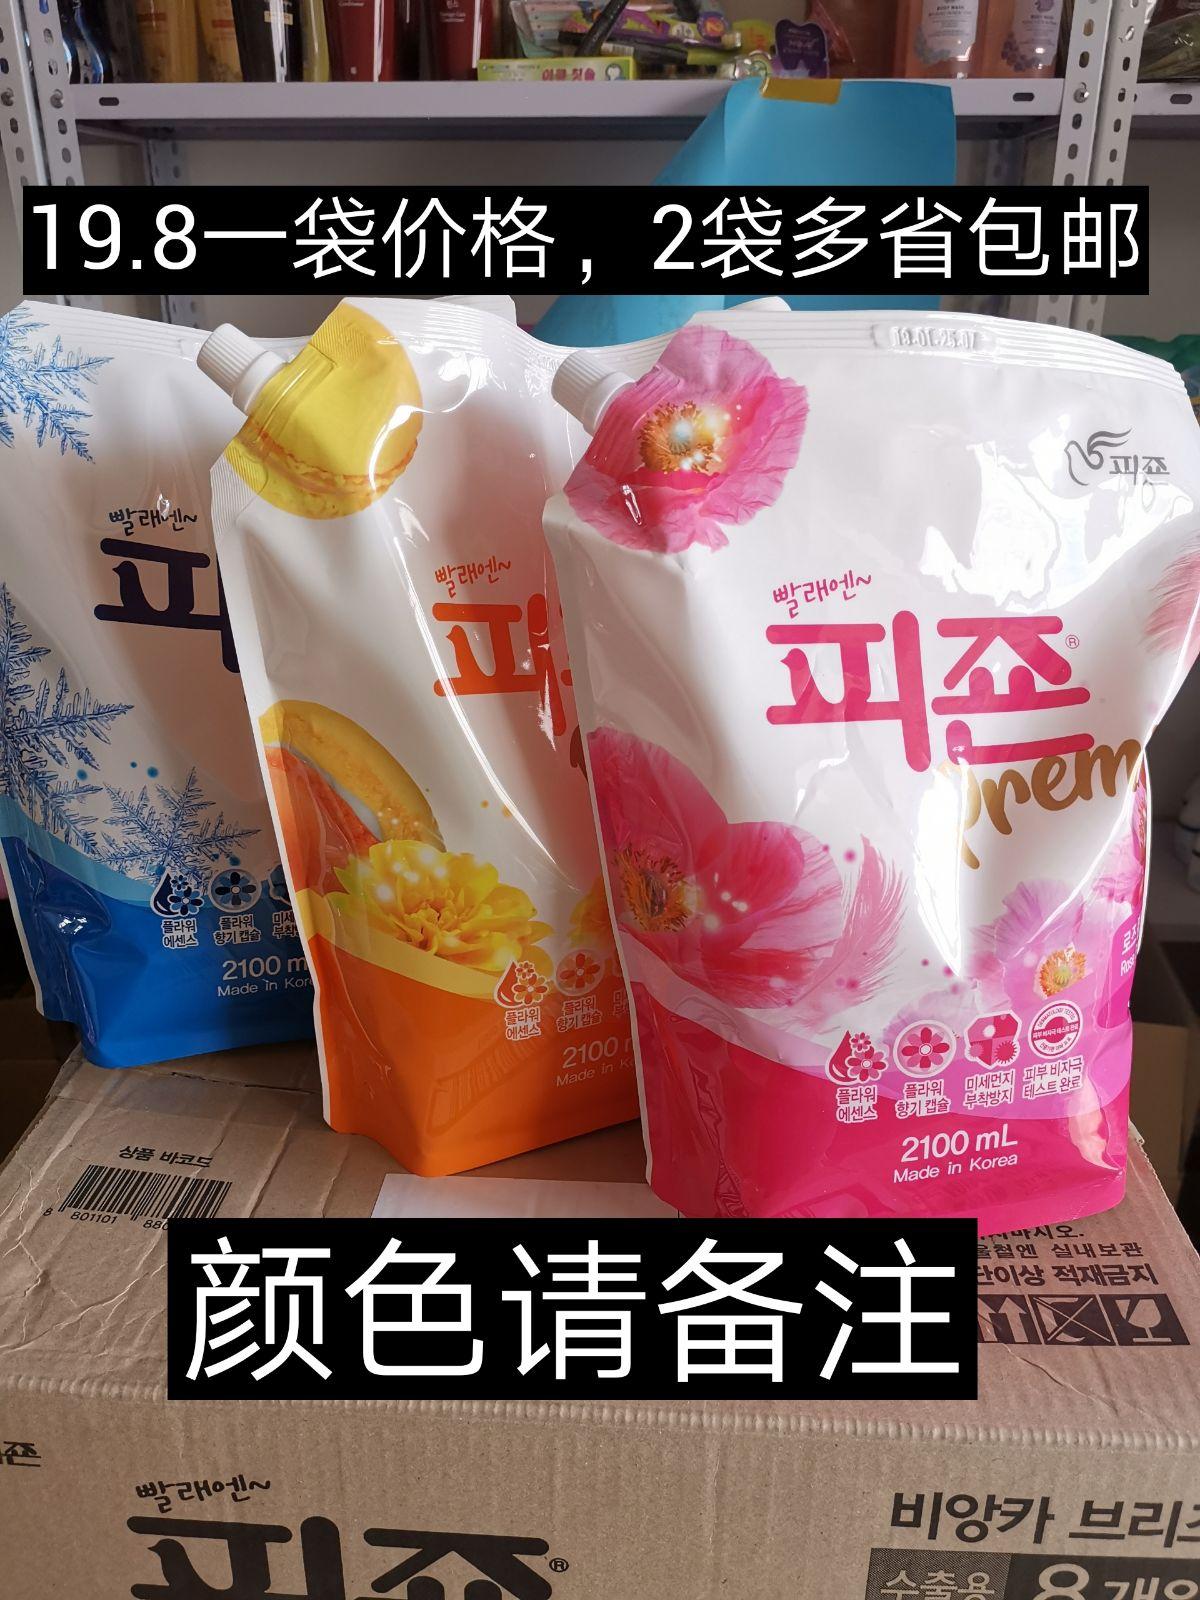 2袋包邮 韩国进口 碧珍 柔顺剂 衣物 除静电 香味持久2100ml